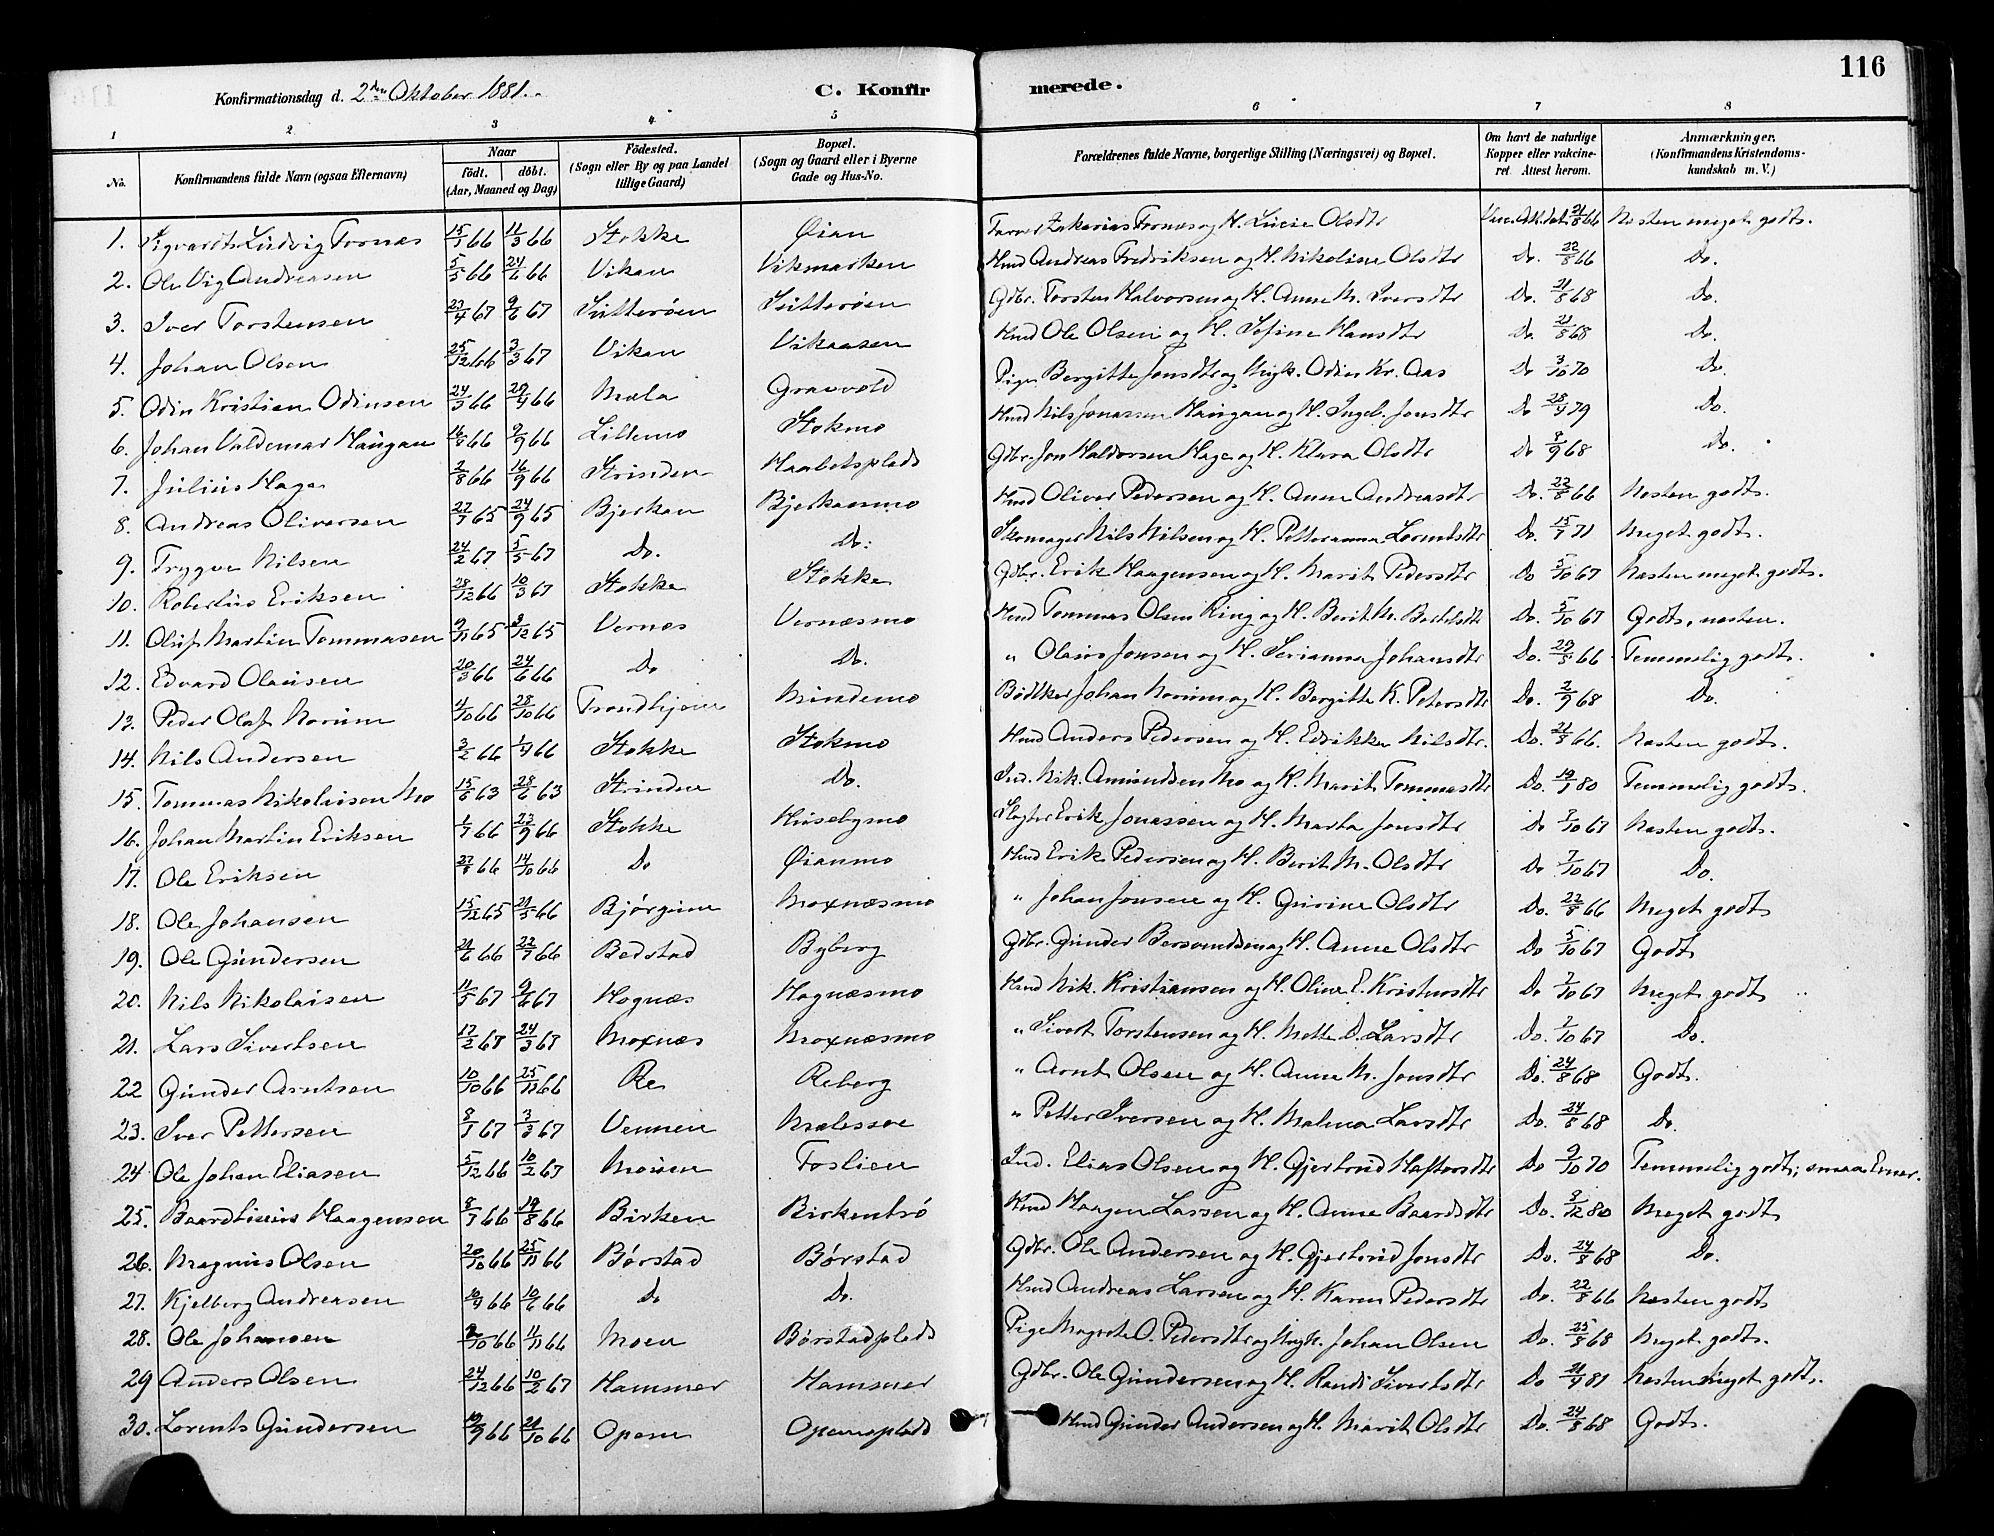 SAT, Ministerialprotokoller, klokkerbøker og fødselsregistre - Nord-Trøndelag, 709/L0077: Ministerialbok nr. 709A17, 1880-1895, s. 116